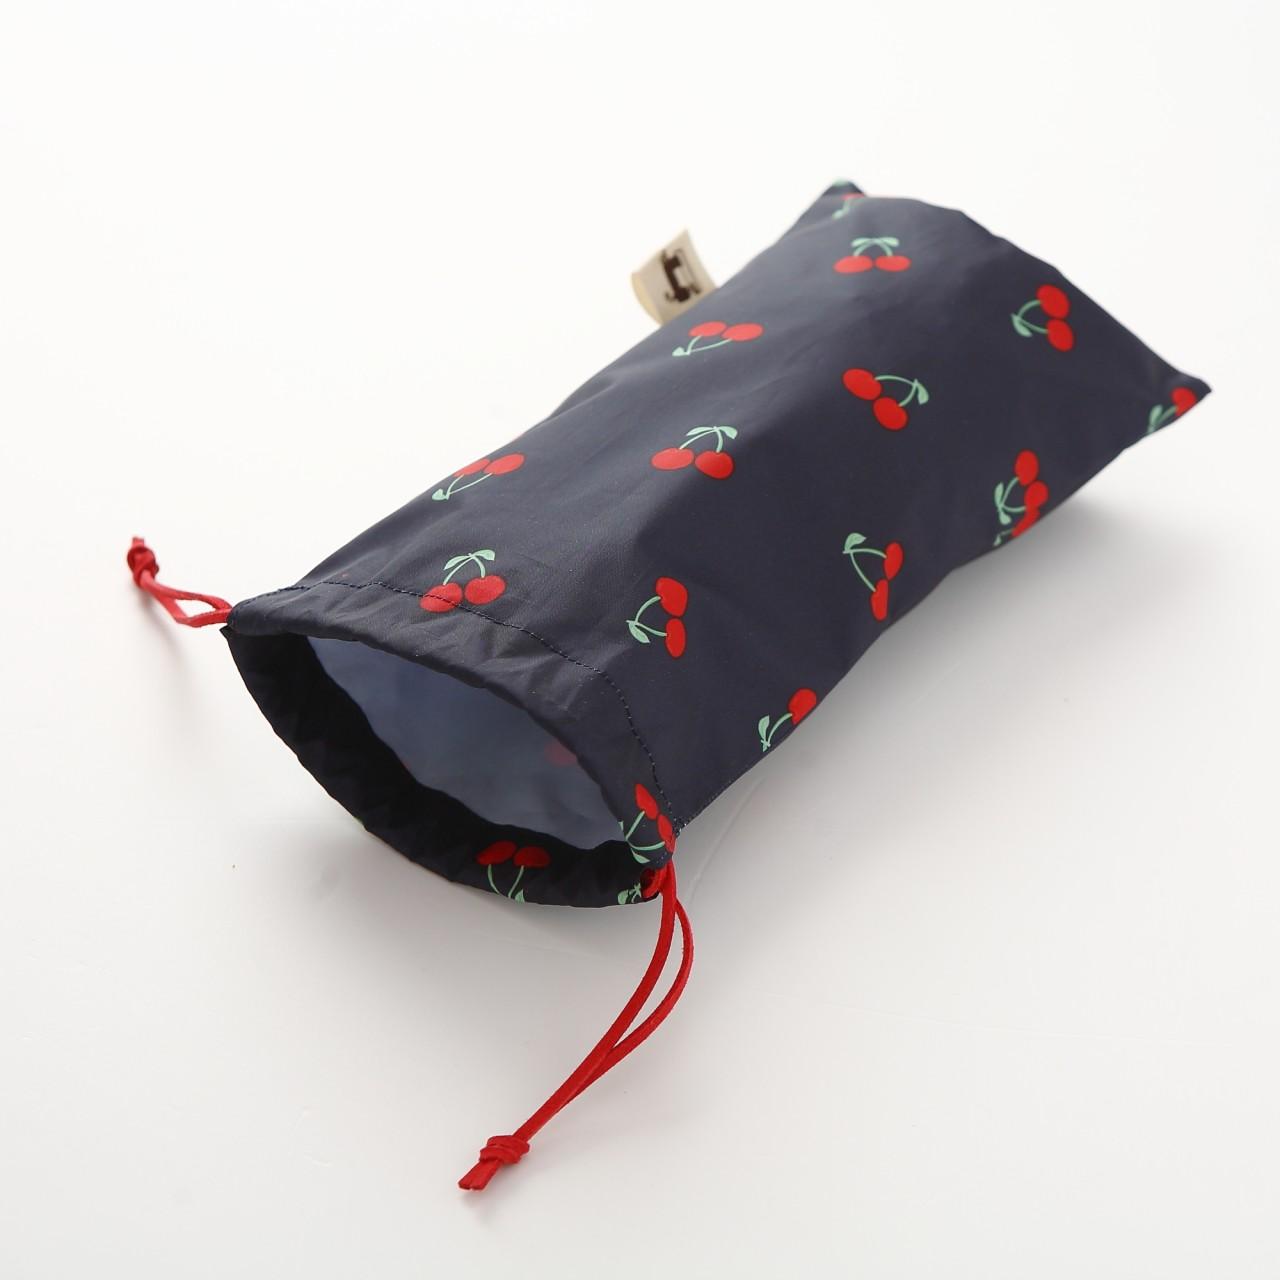 퀼트 패키지 방수조리개파우치만들기 체리 아보카도 파인애플 - 나미꼬의퀼트카페, 4,000원, 펠트공예, 수납/주머니 패키지